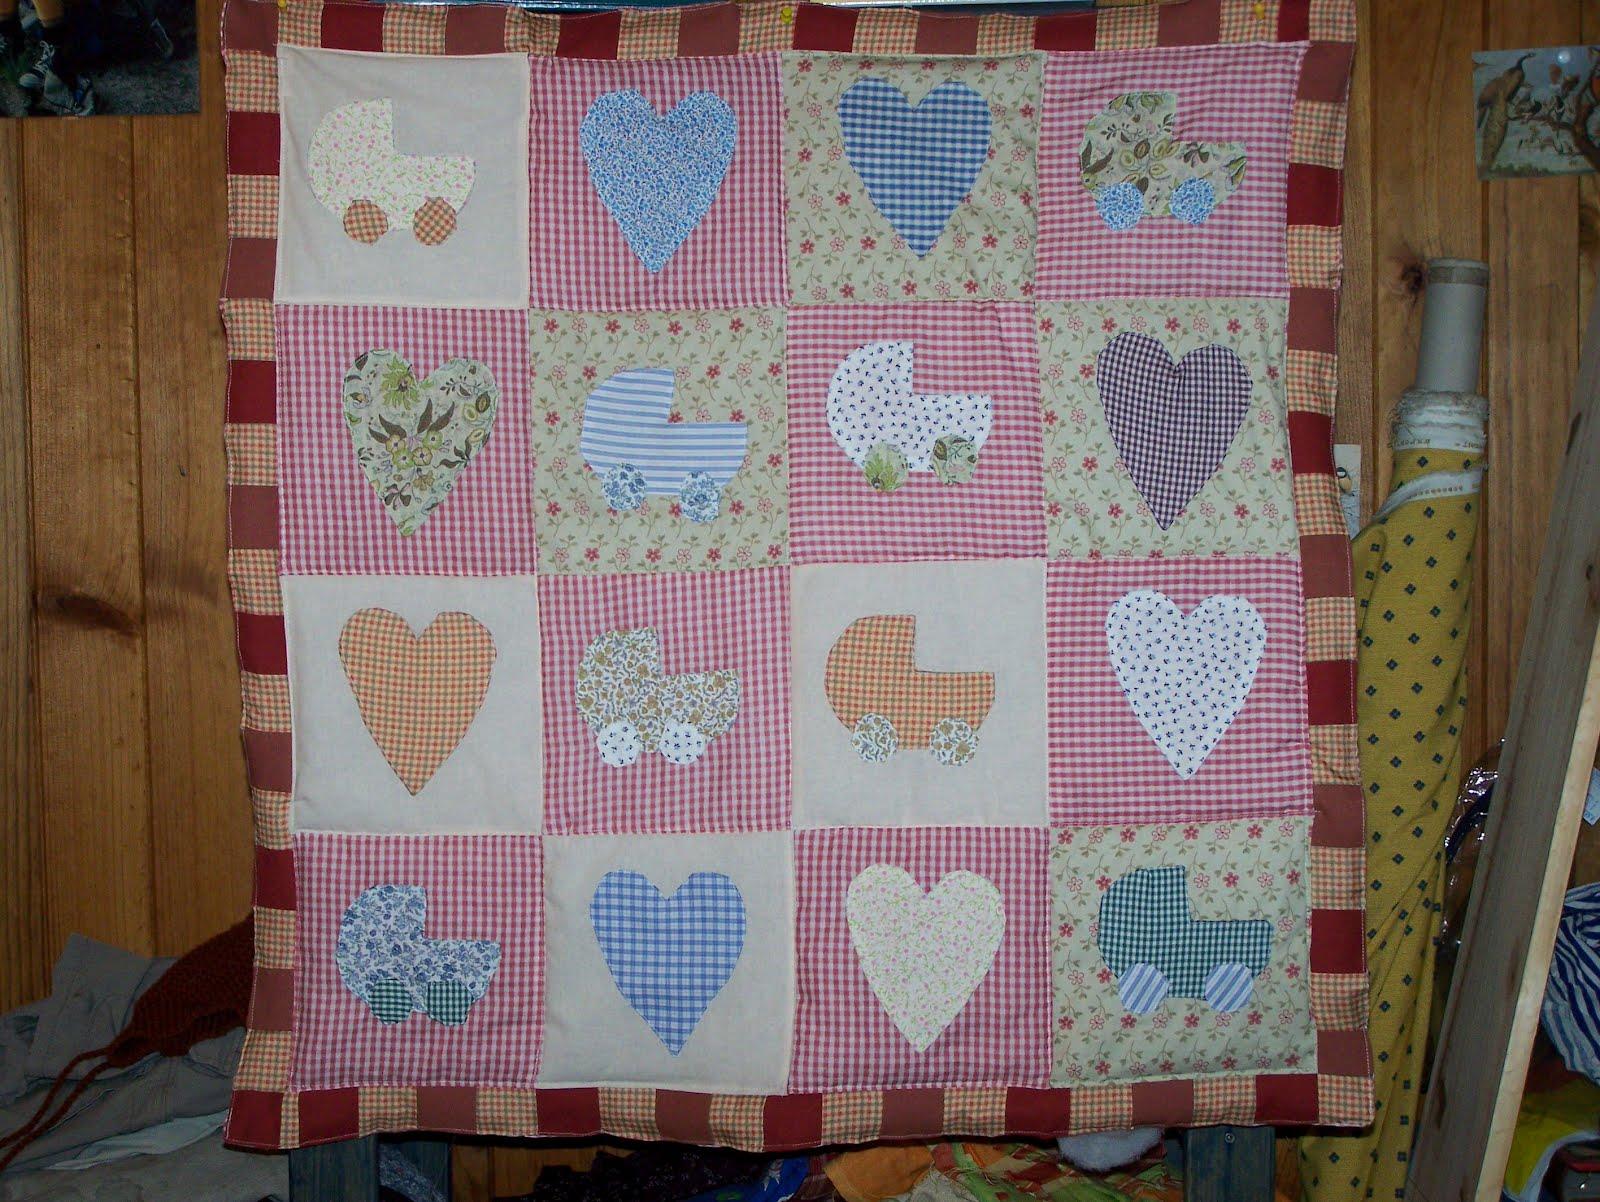 La petite maison de patchwork colcha bebe - Colchas de patchwork hechas a mano ...